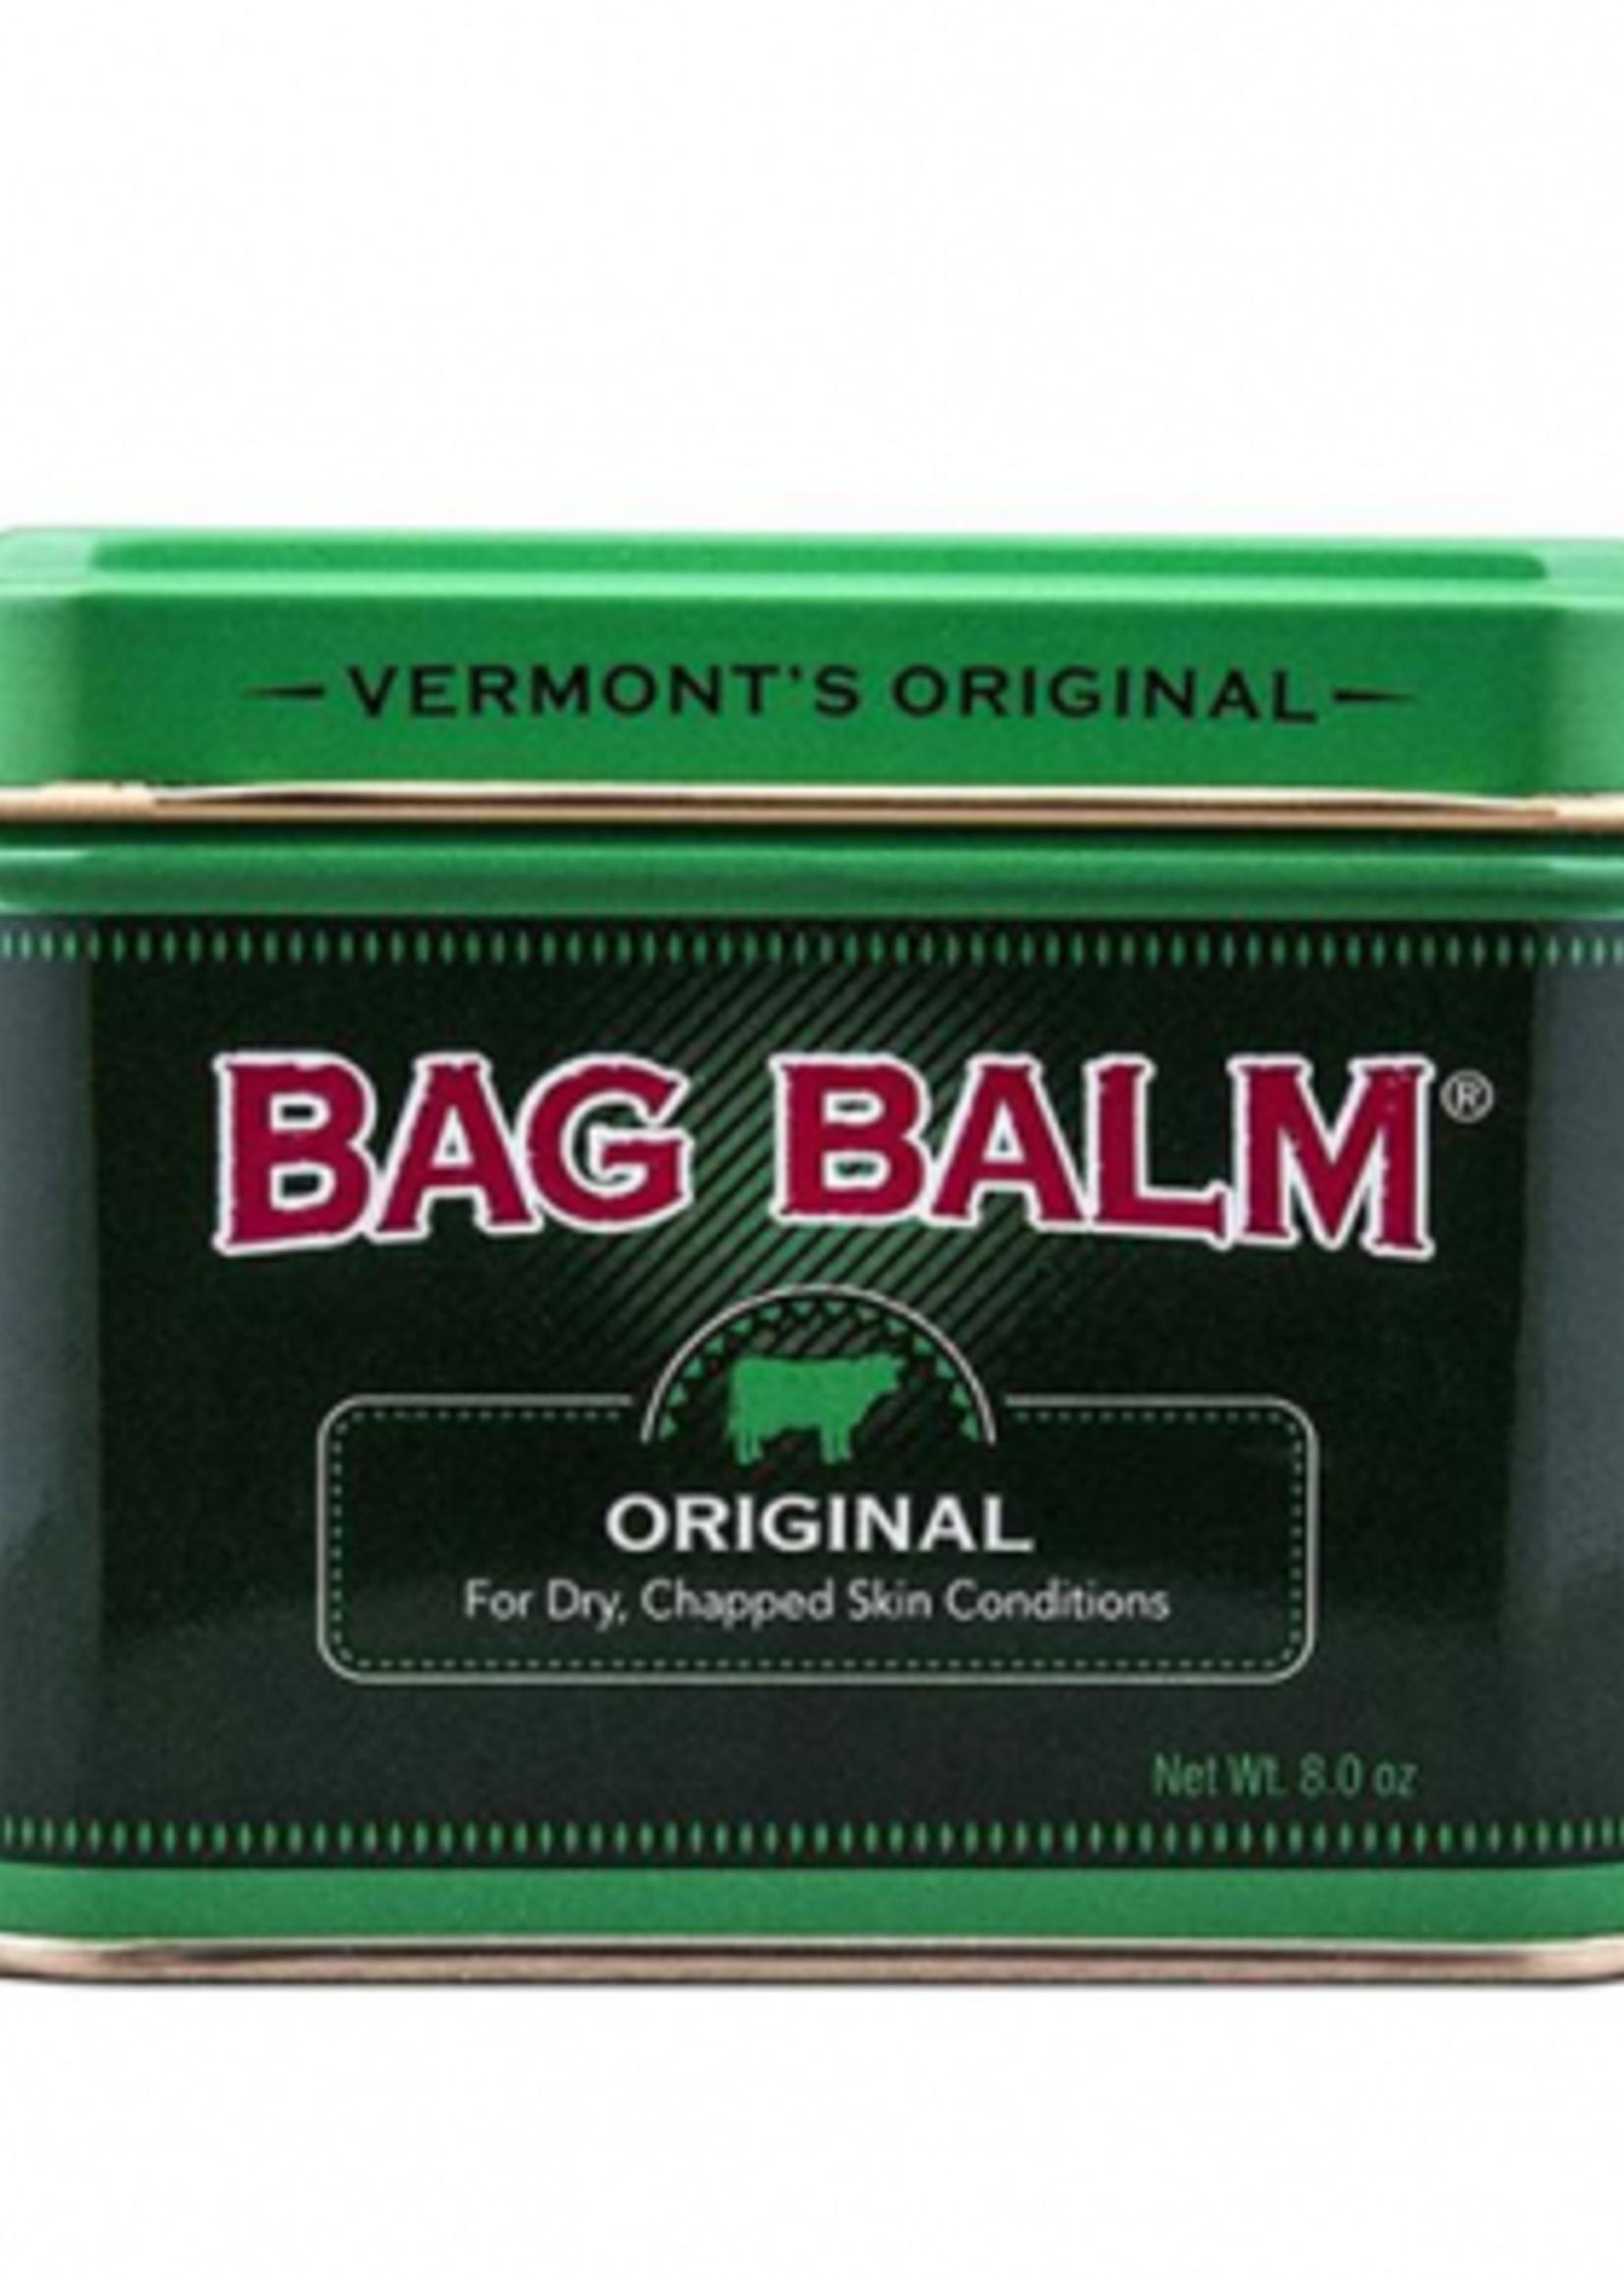 Bag Balm® Bag Balm Original Skin Moisturizer 8oz